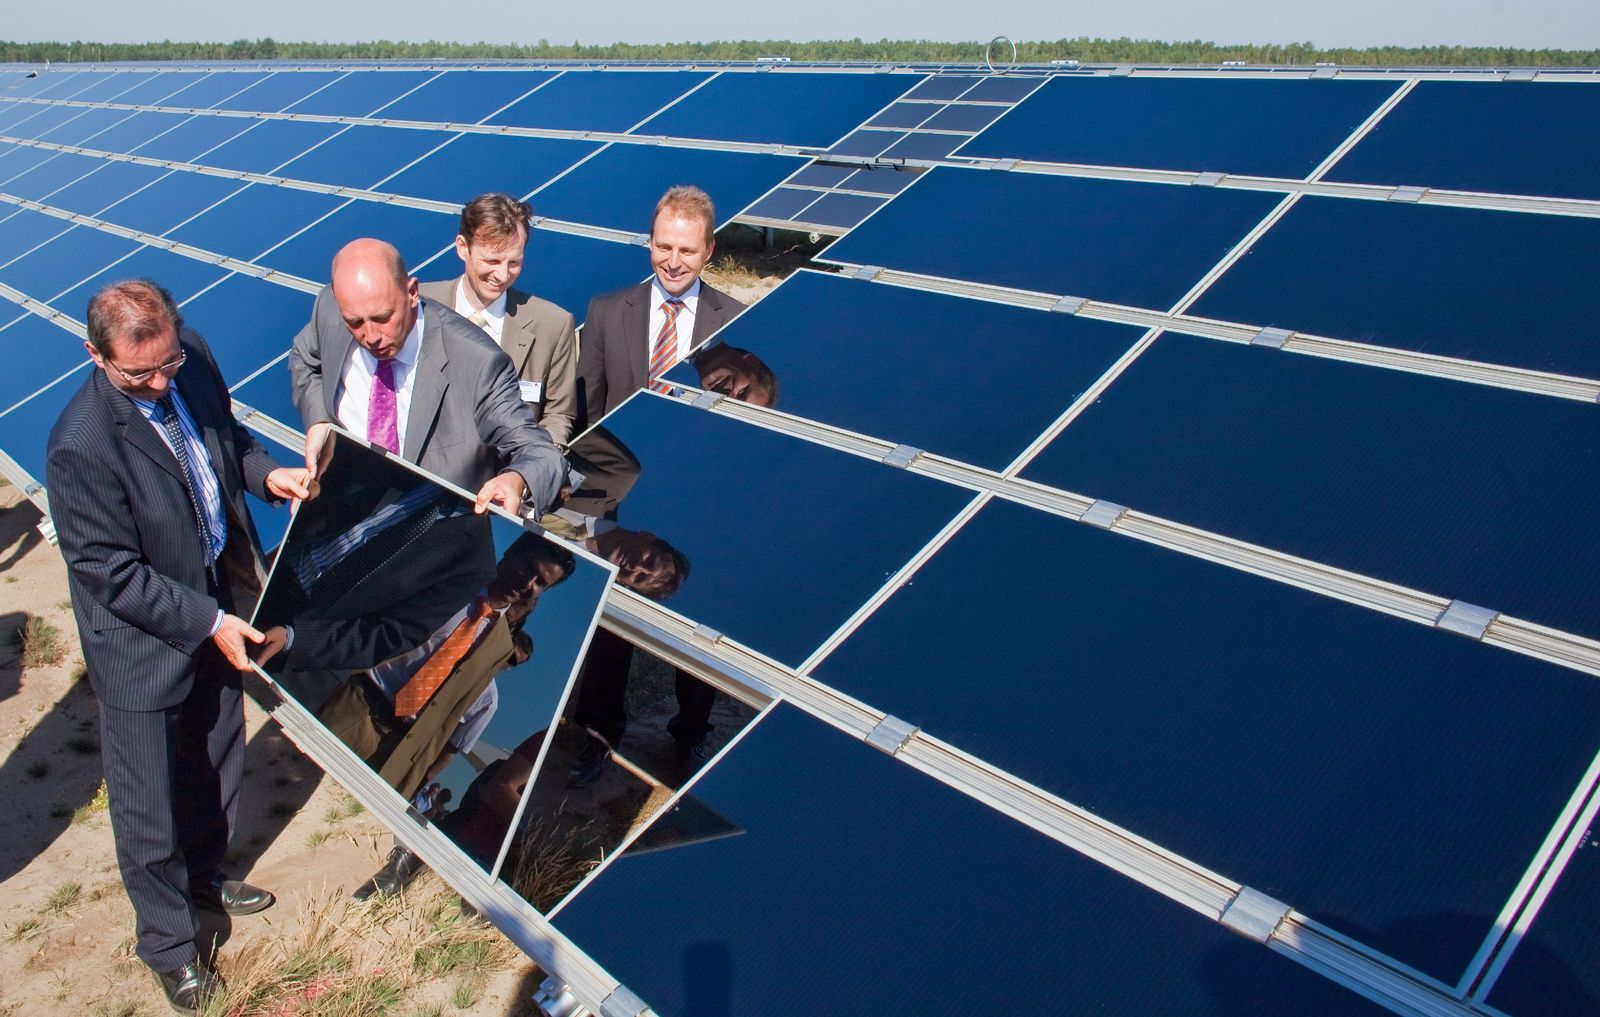 Größtes deutsches Solarkraftwerk geht ans Netz